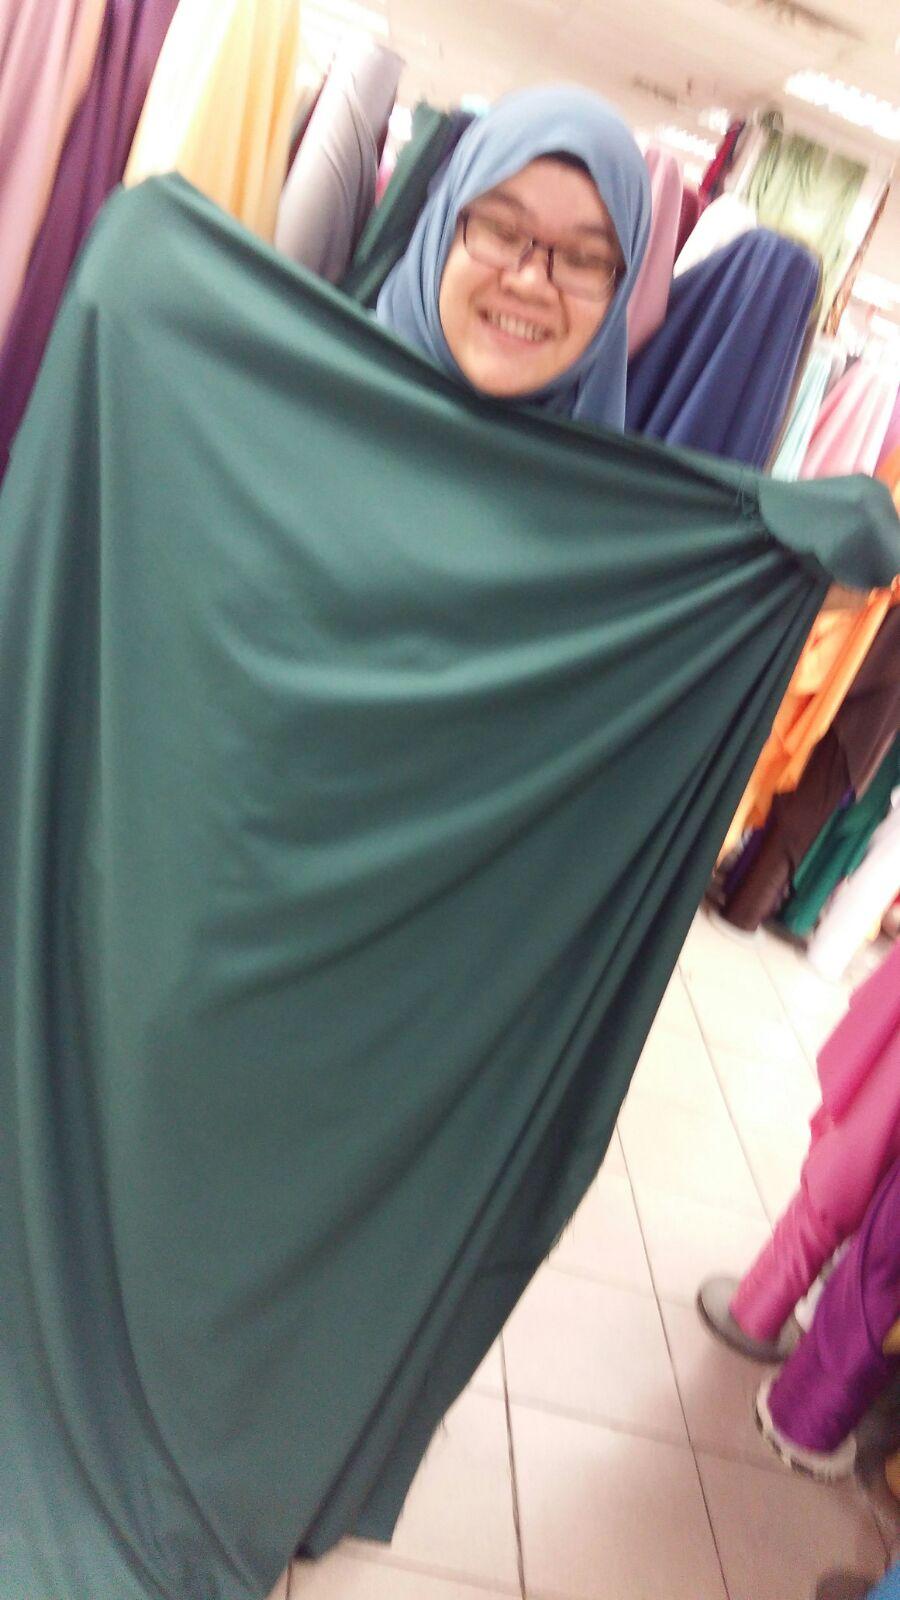 Emerald hijau kupang penat woi cari kain Glaucous yasmin